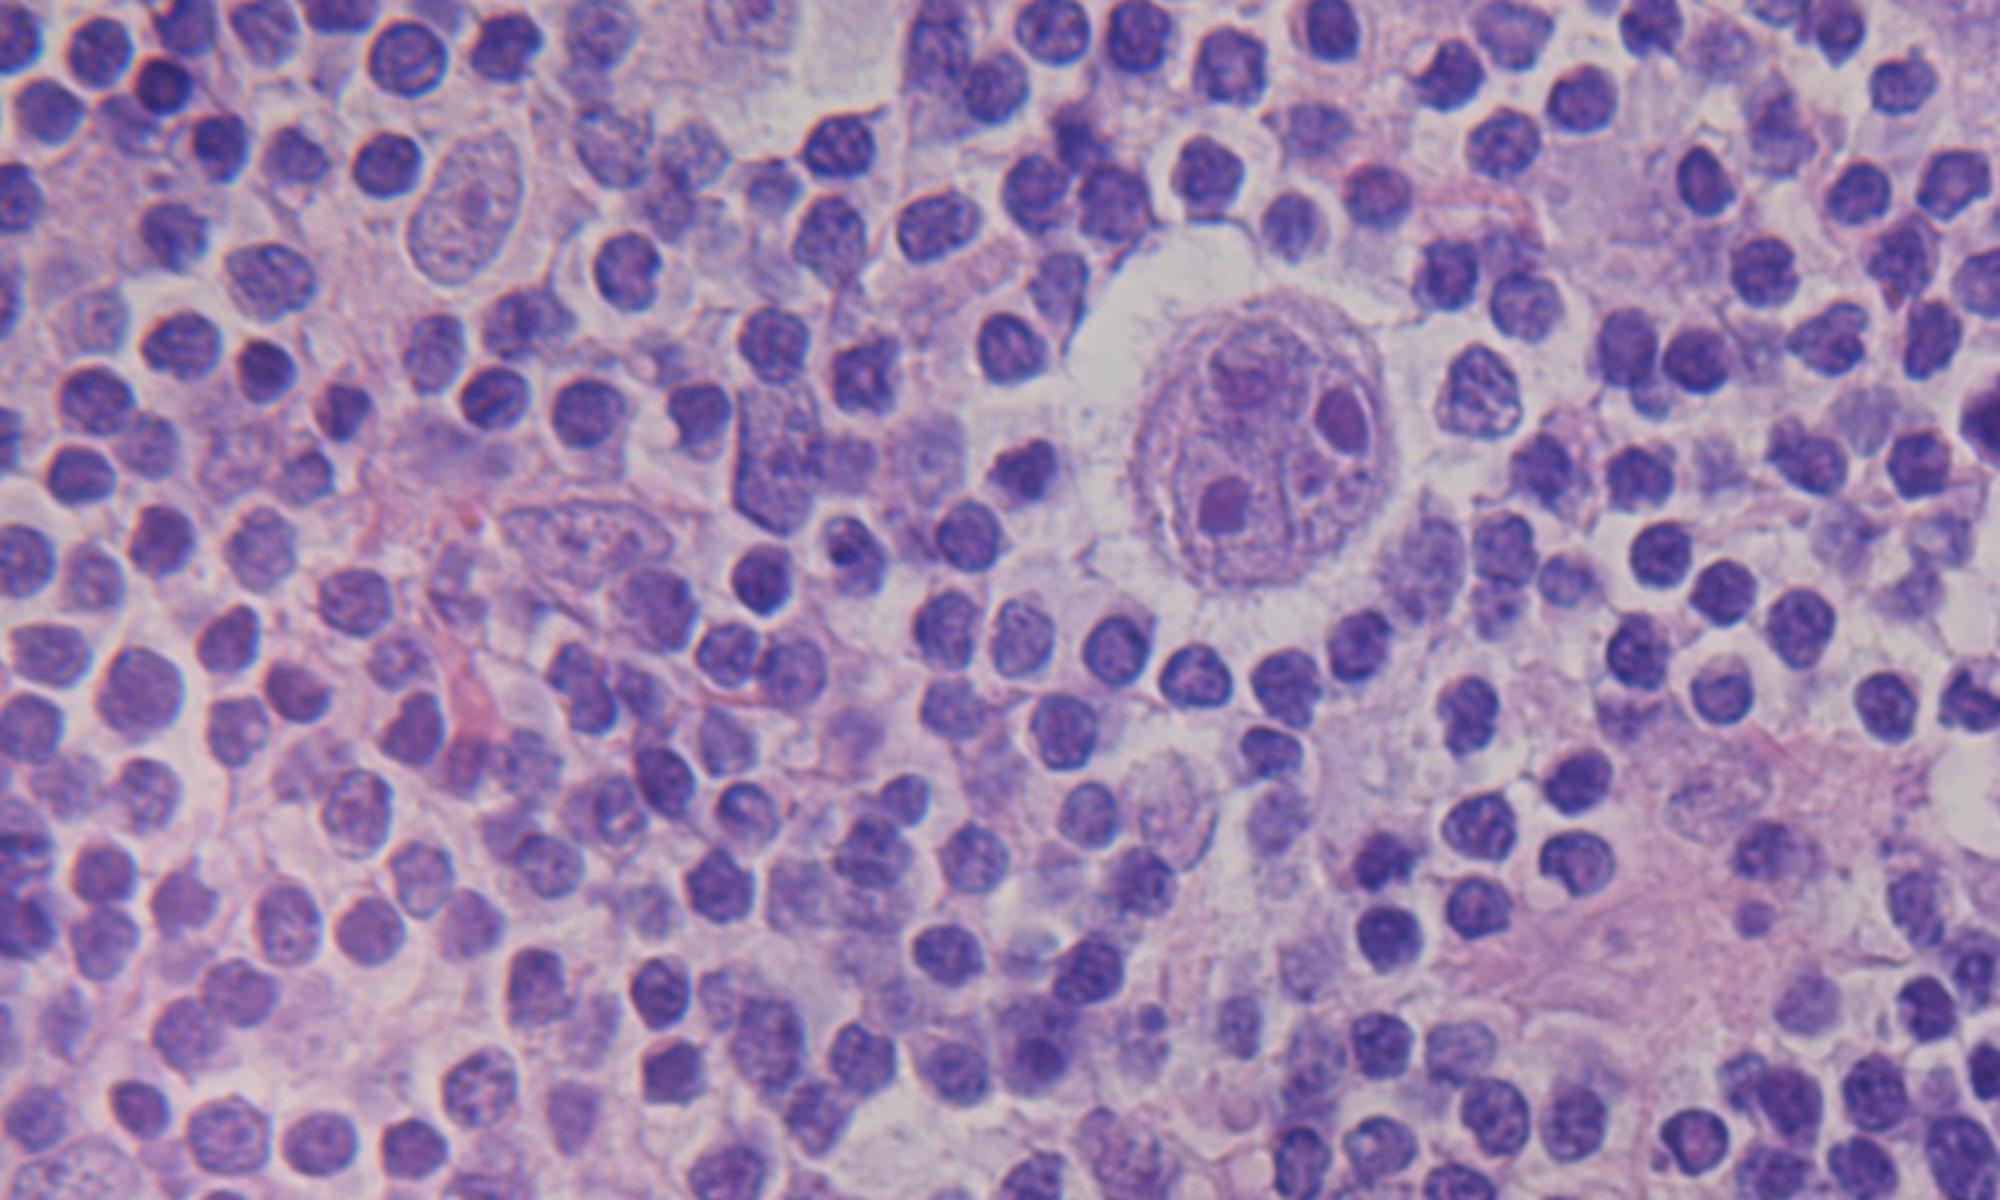 The Hodgkin Lymphoma MRD Consortium